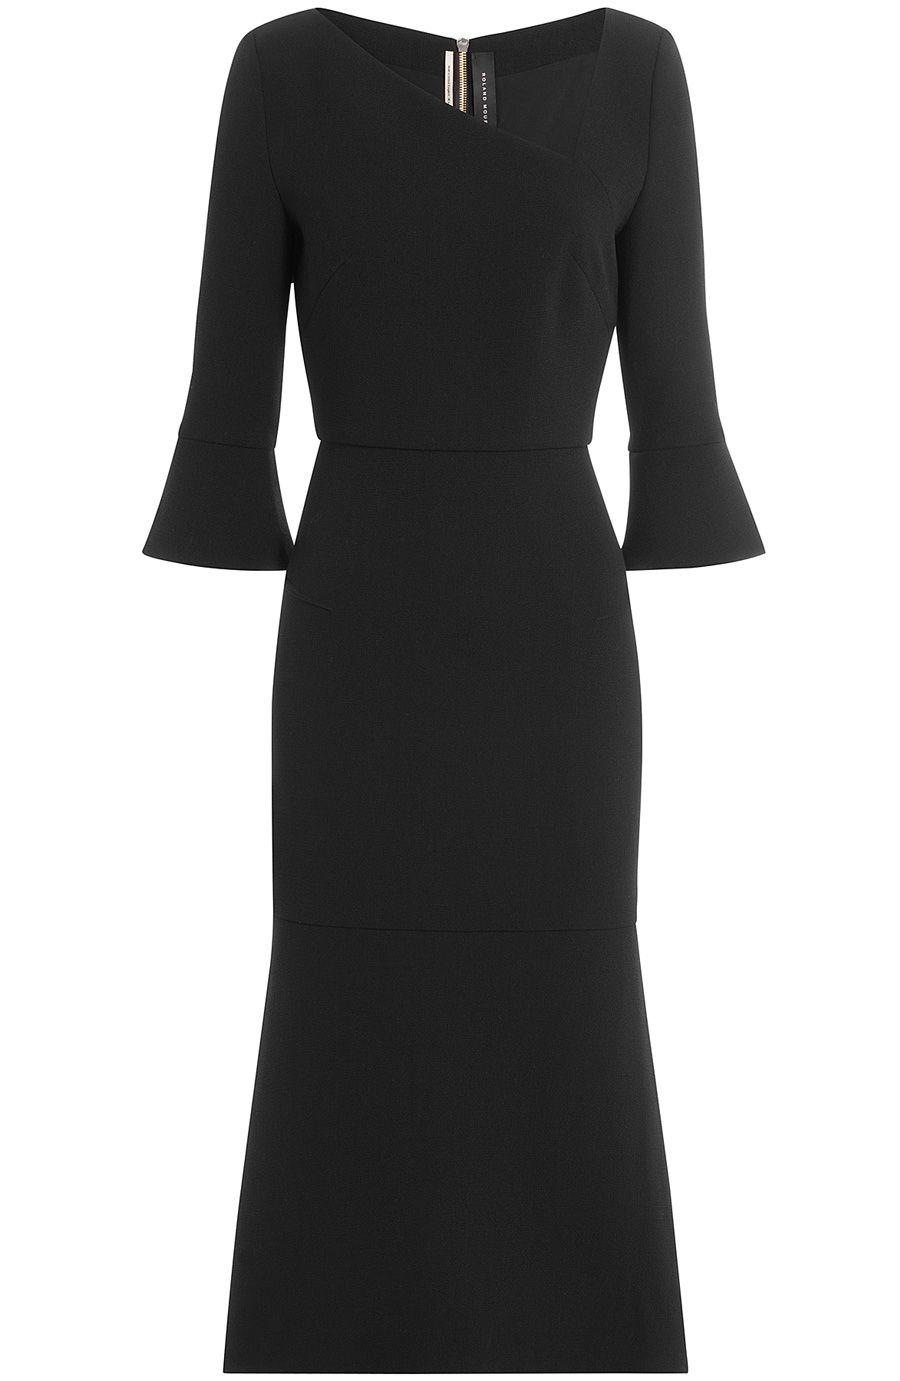 ROLAND MOURET Wool Dress. #rolandmouret #cloth #cocktail & party